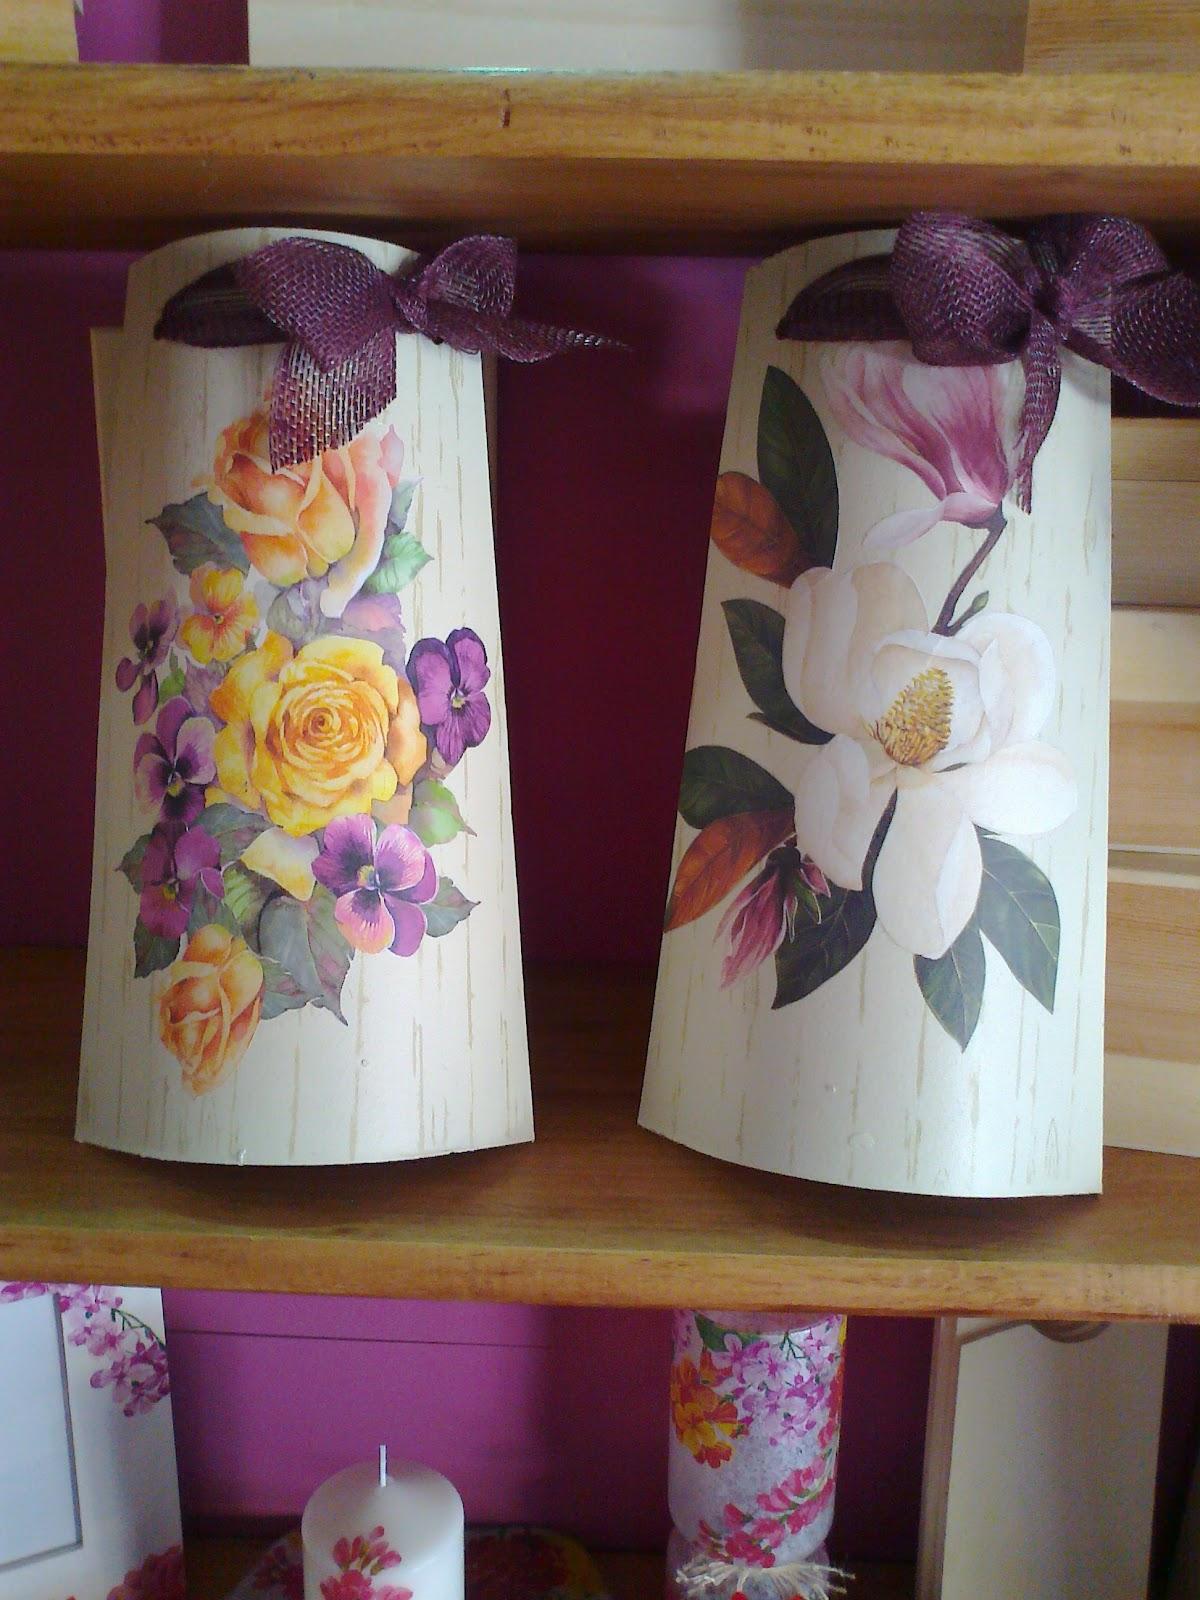 Manualidades el dintel 4 03 12 11 03 12 - Servilletas de papel decoradas para manualidades ...